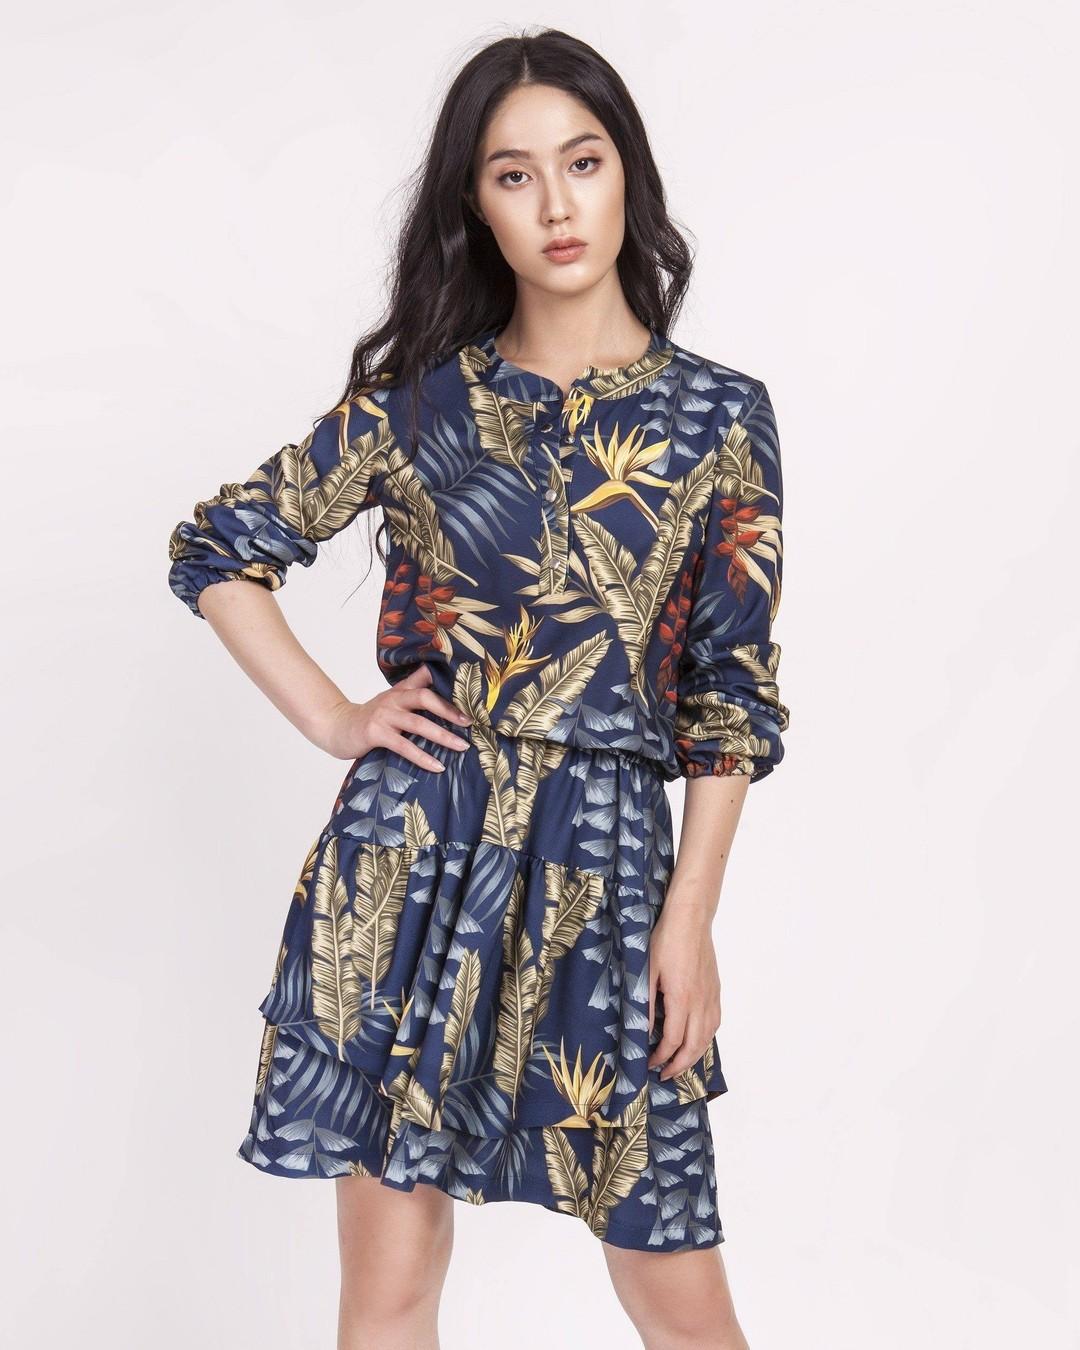 Zwiewny szyfon + falbany? To brzmi jak przepis na romantyczny flirt. Dasz się uwieść? #sukienka #sukienki #sukienkawewzory #wzorzystasukienka #sukienkawliscie #modnasukienka #sukienkanacodzien #eleganckasukienka #wygladajstylowo